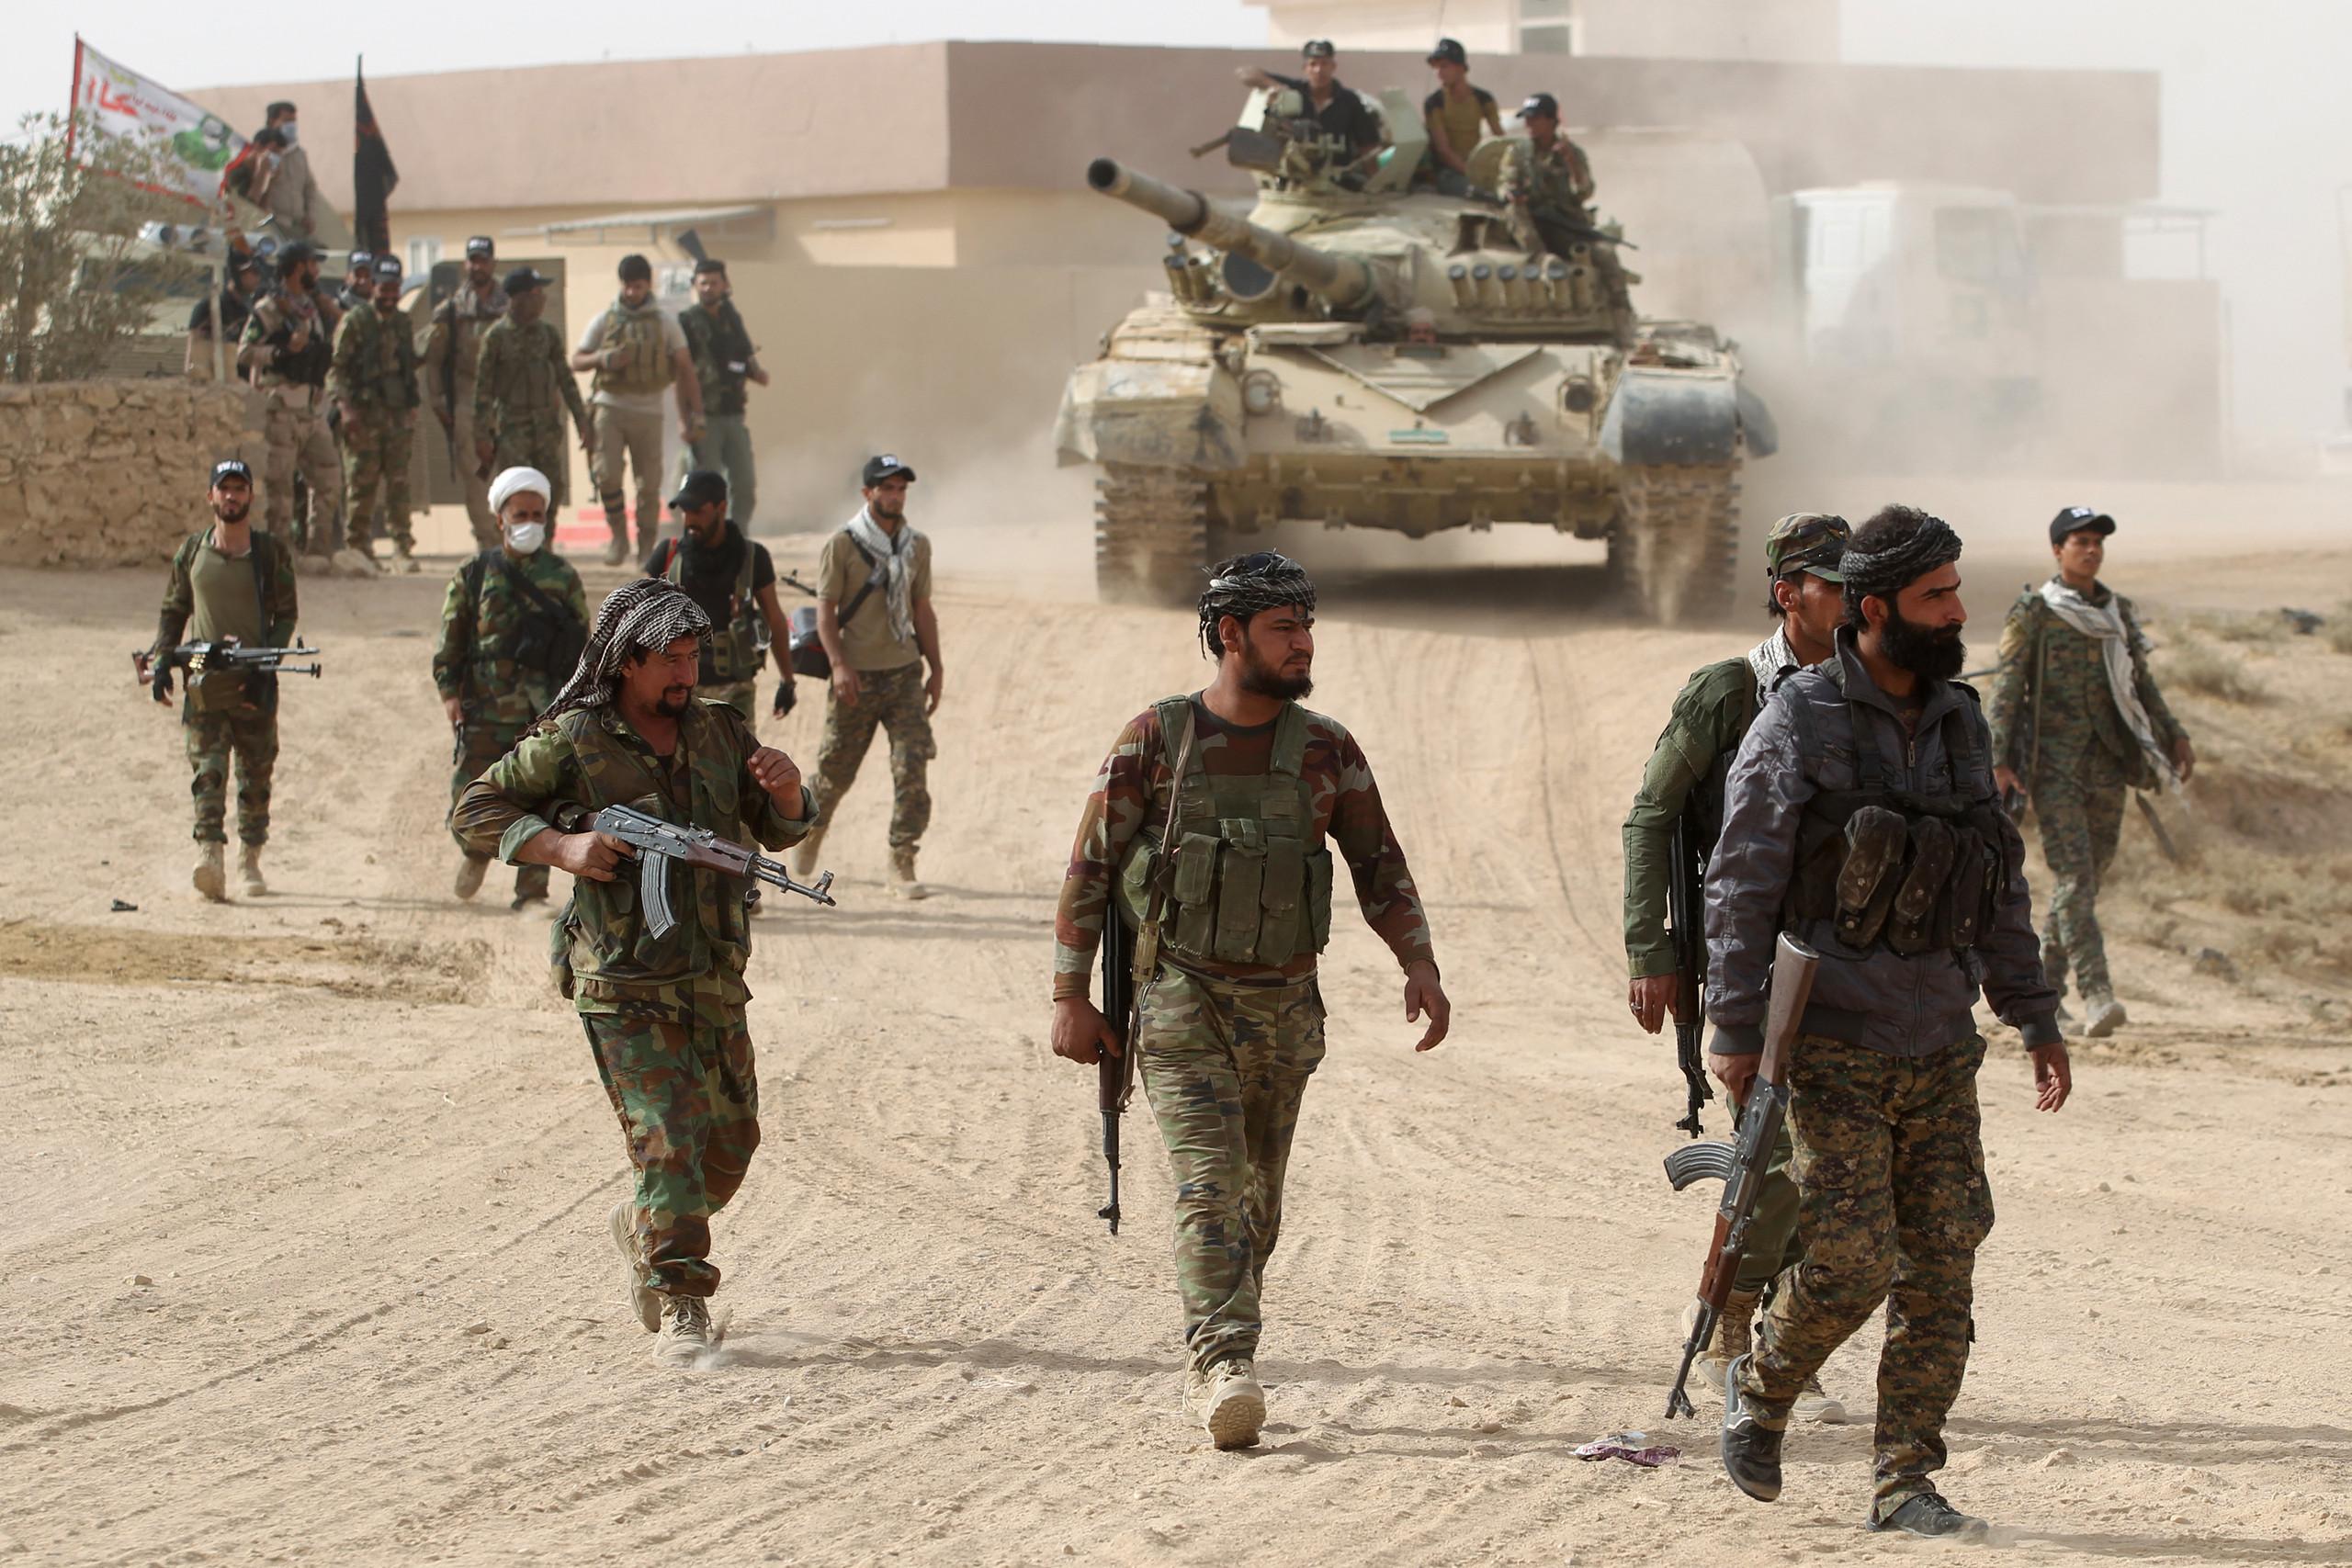 الحشد الشعبى العراقى يعلن حالة التأهب على الحدود السورية